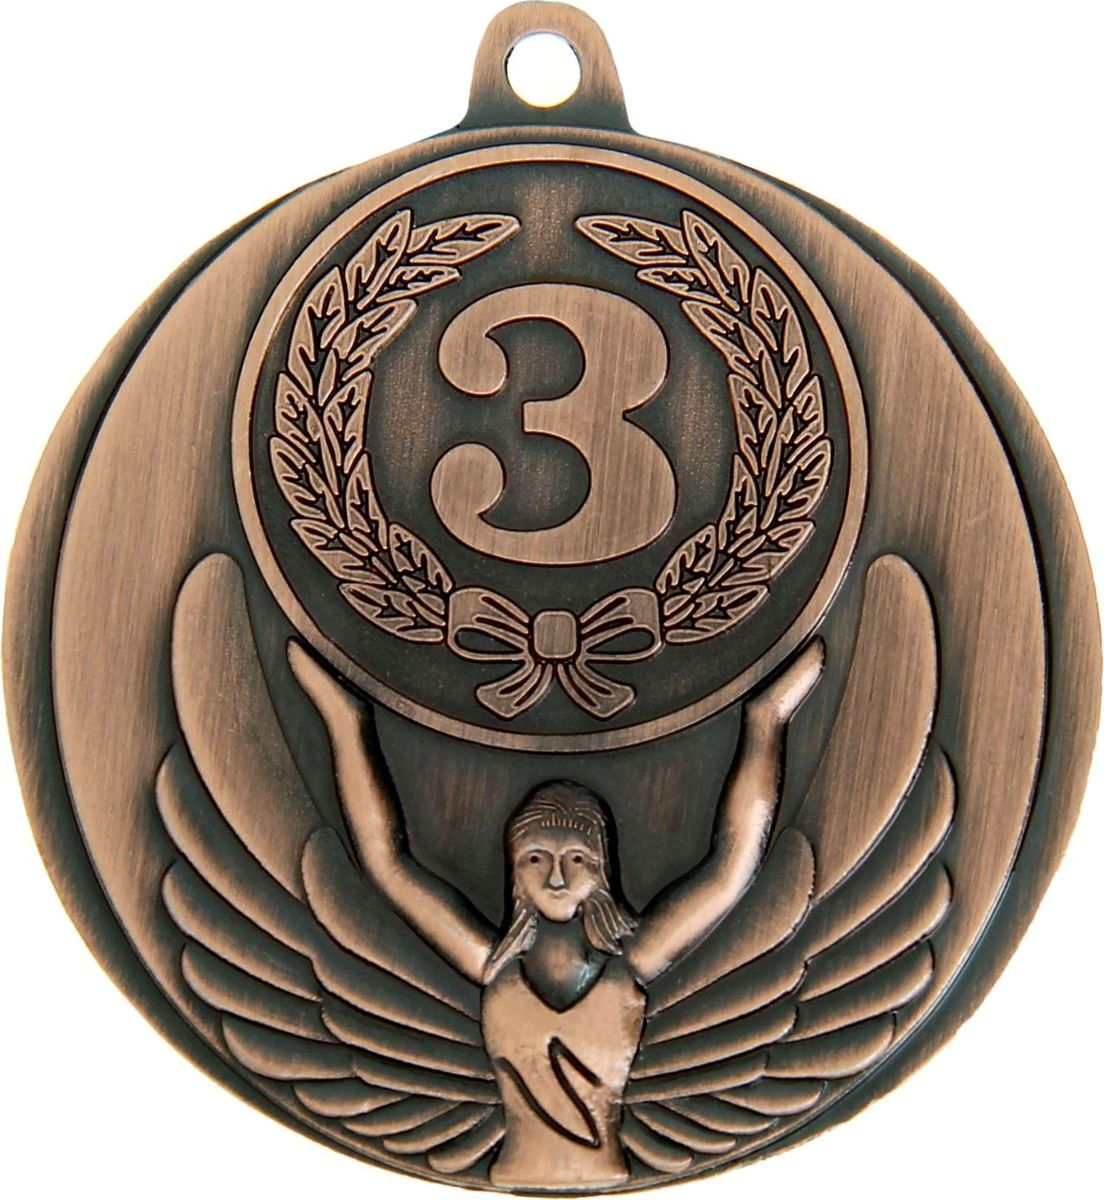 Медаль сувенирная 3 место, цвет: бронзовый, диаметр 4,5 см. 0171028264Медаль — знак отличия, которым награждают самых достойных. Она вручается лишь тем, кто проявил настойчивость и волю к победе. Такое достижение должно остаться в памяти на долгие годы. Поэтому любое спортивное состязание (профессиональное, среди любителей или корпоративное мероприятие) — отличный повод для того, чтобы отметить лучших из лучших. На металлической медали изображена фигура Ники — богини победы в древнегреческой мифологии. ХарактеристикиДиаметр медали: 4,5 см. Диаметр вкладыша (оборот): 4 см.